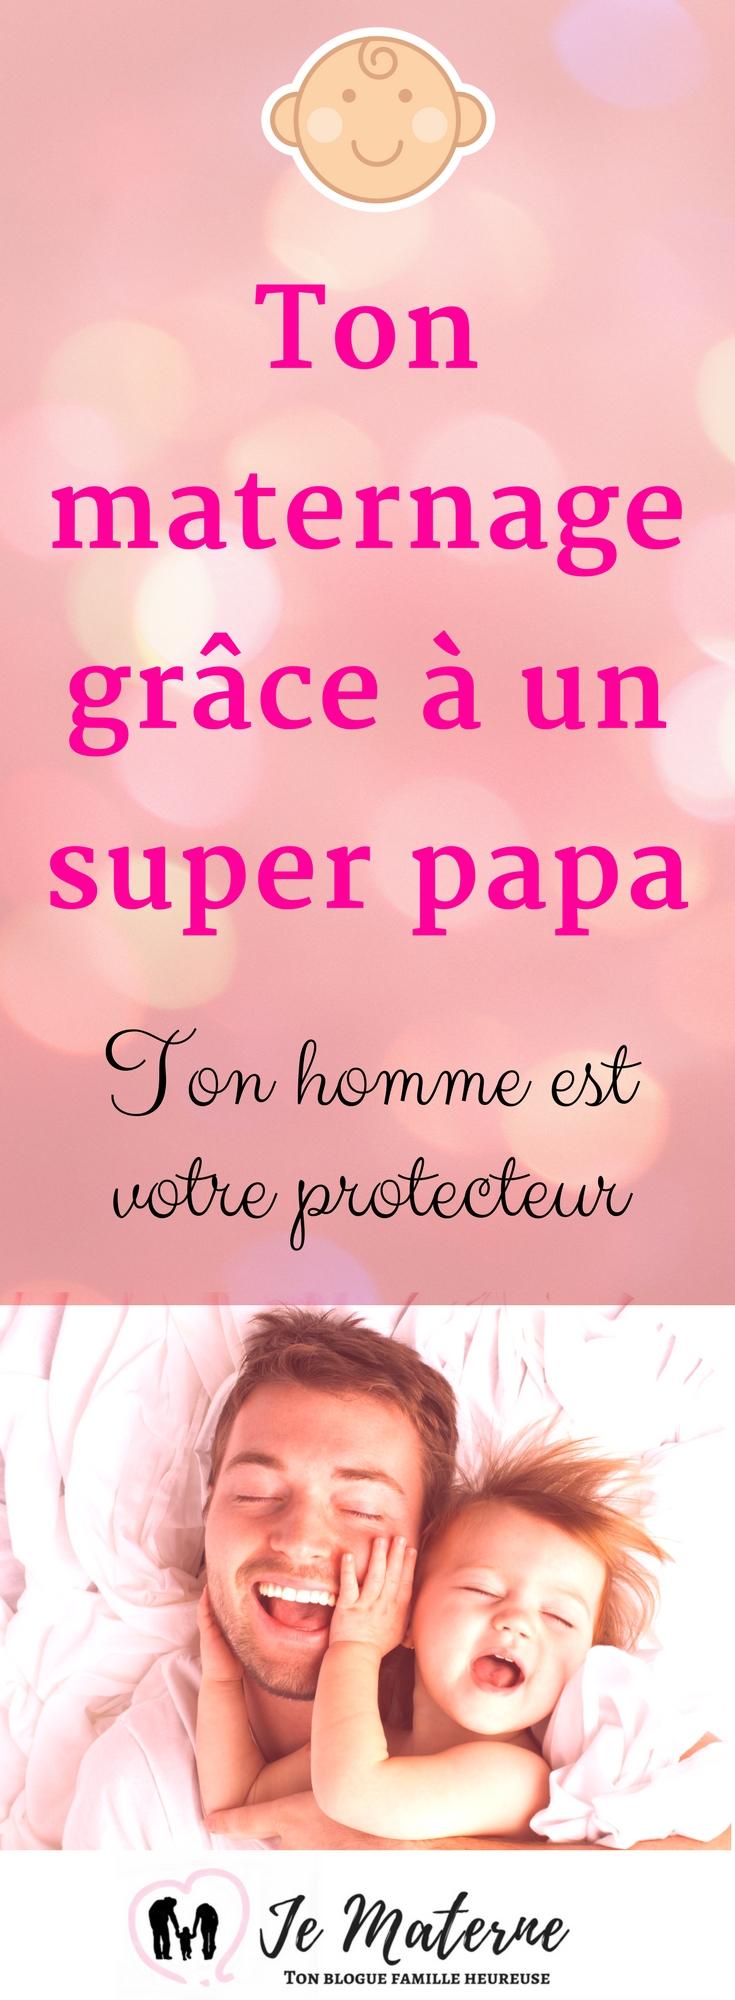 À LIRE! Ton maternage grâce à un super papa - Ton homme est votre protecteur. À lire sur Je Materne!